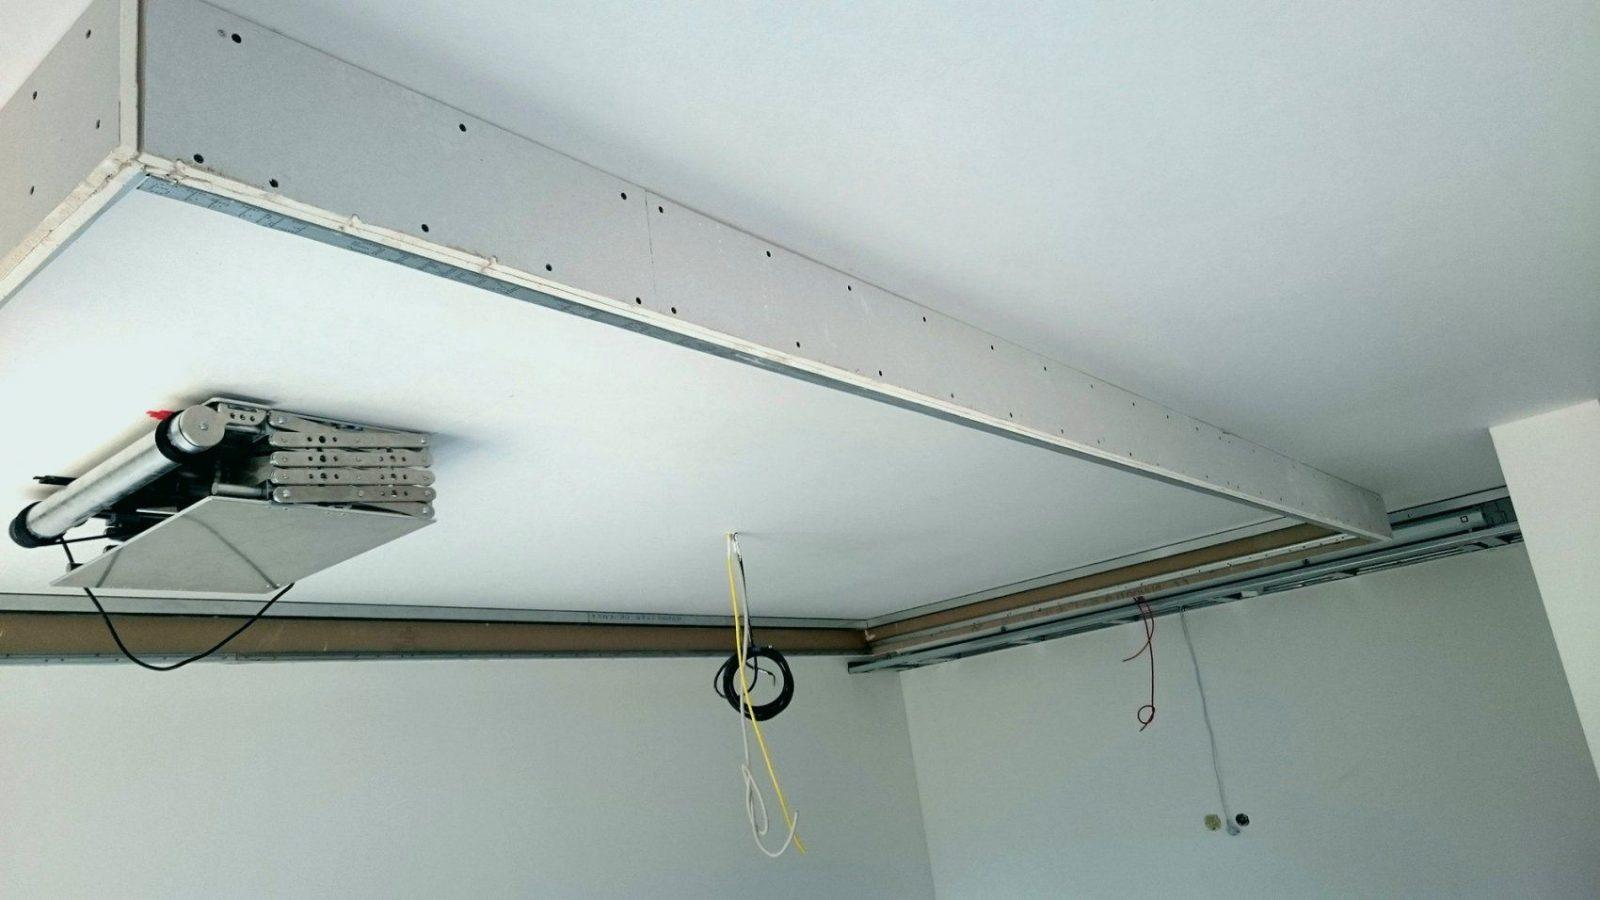 Indirekte Beleuchtung Selber Bauen Exquisit Abgehängte Decke Mit von Indirekte Beleuchtung Led Decke Selber Bauen Photo